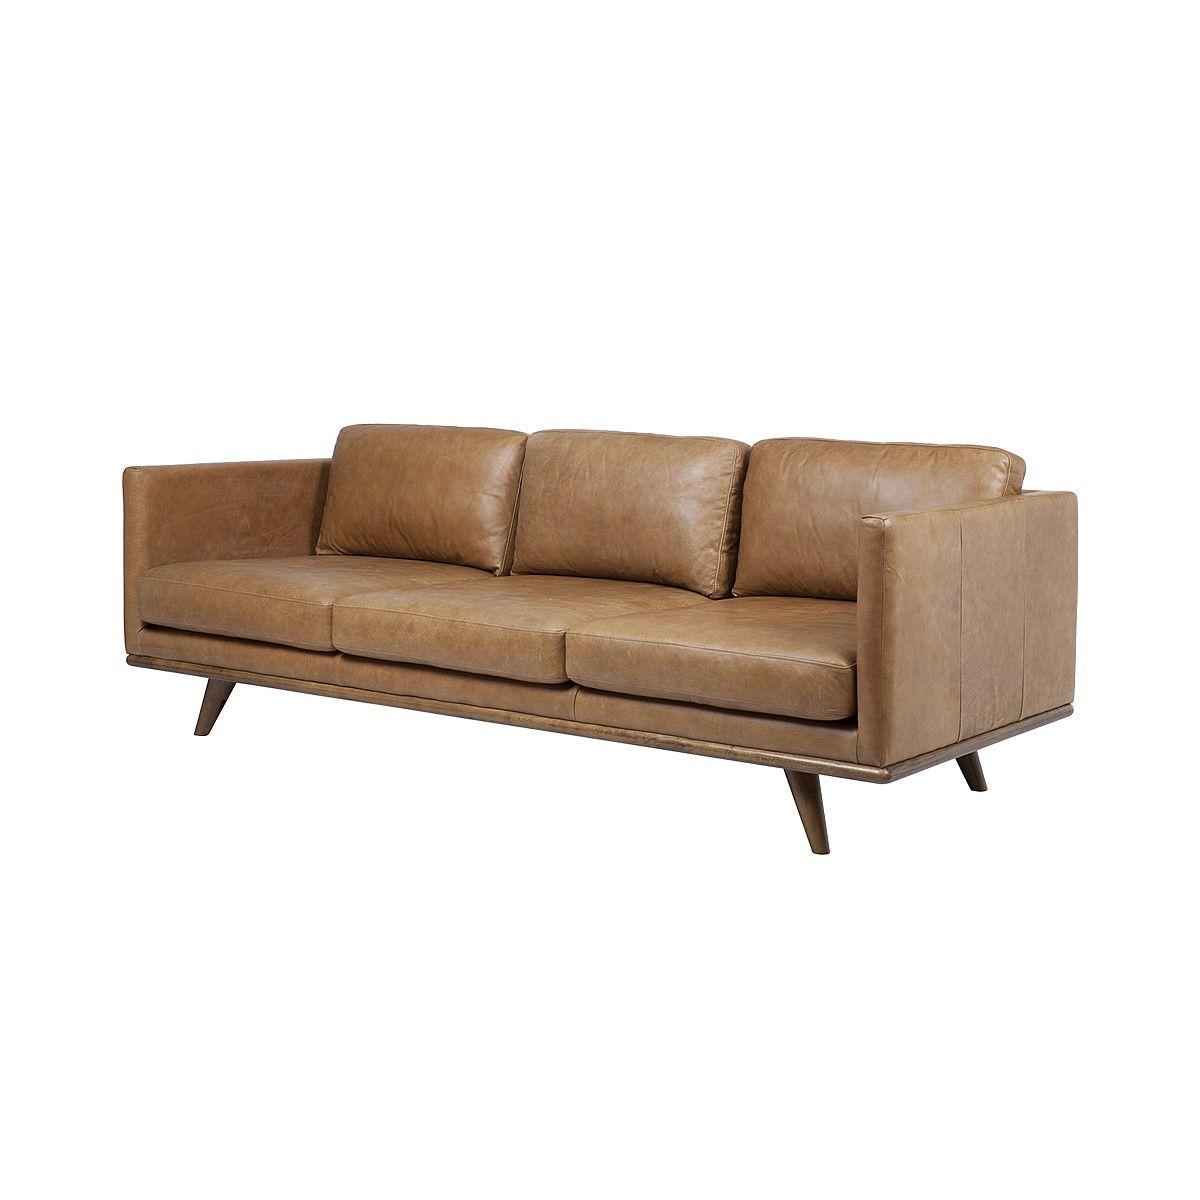 Sofas, Aspen 3 Seater Sofa   Russet